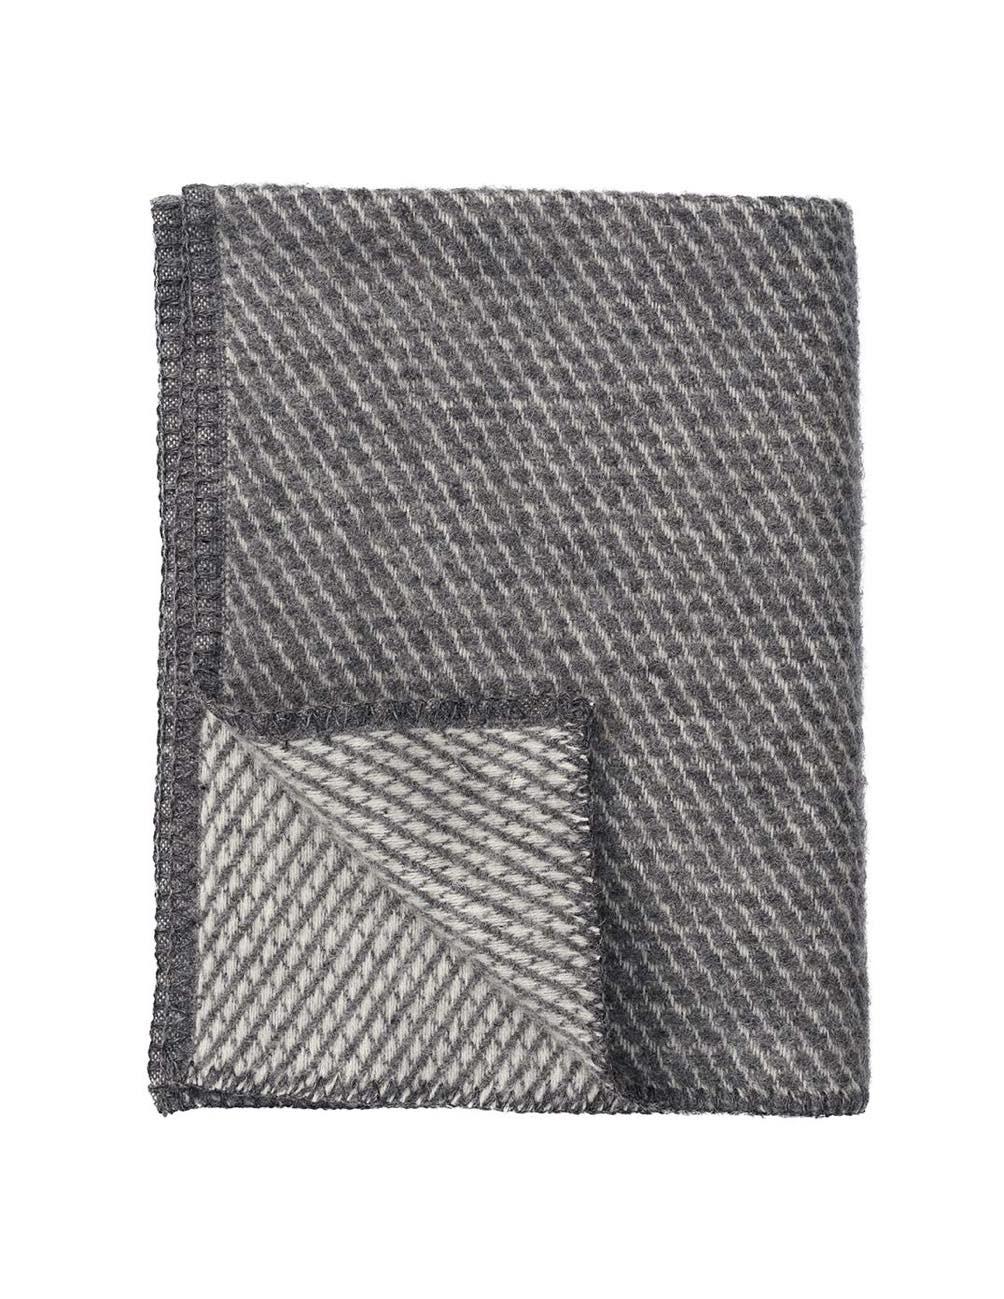 Small Velvet Grey Blanket/Throw